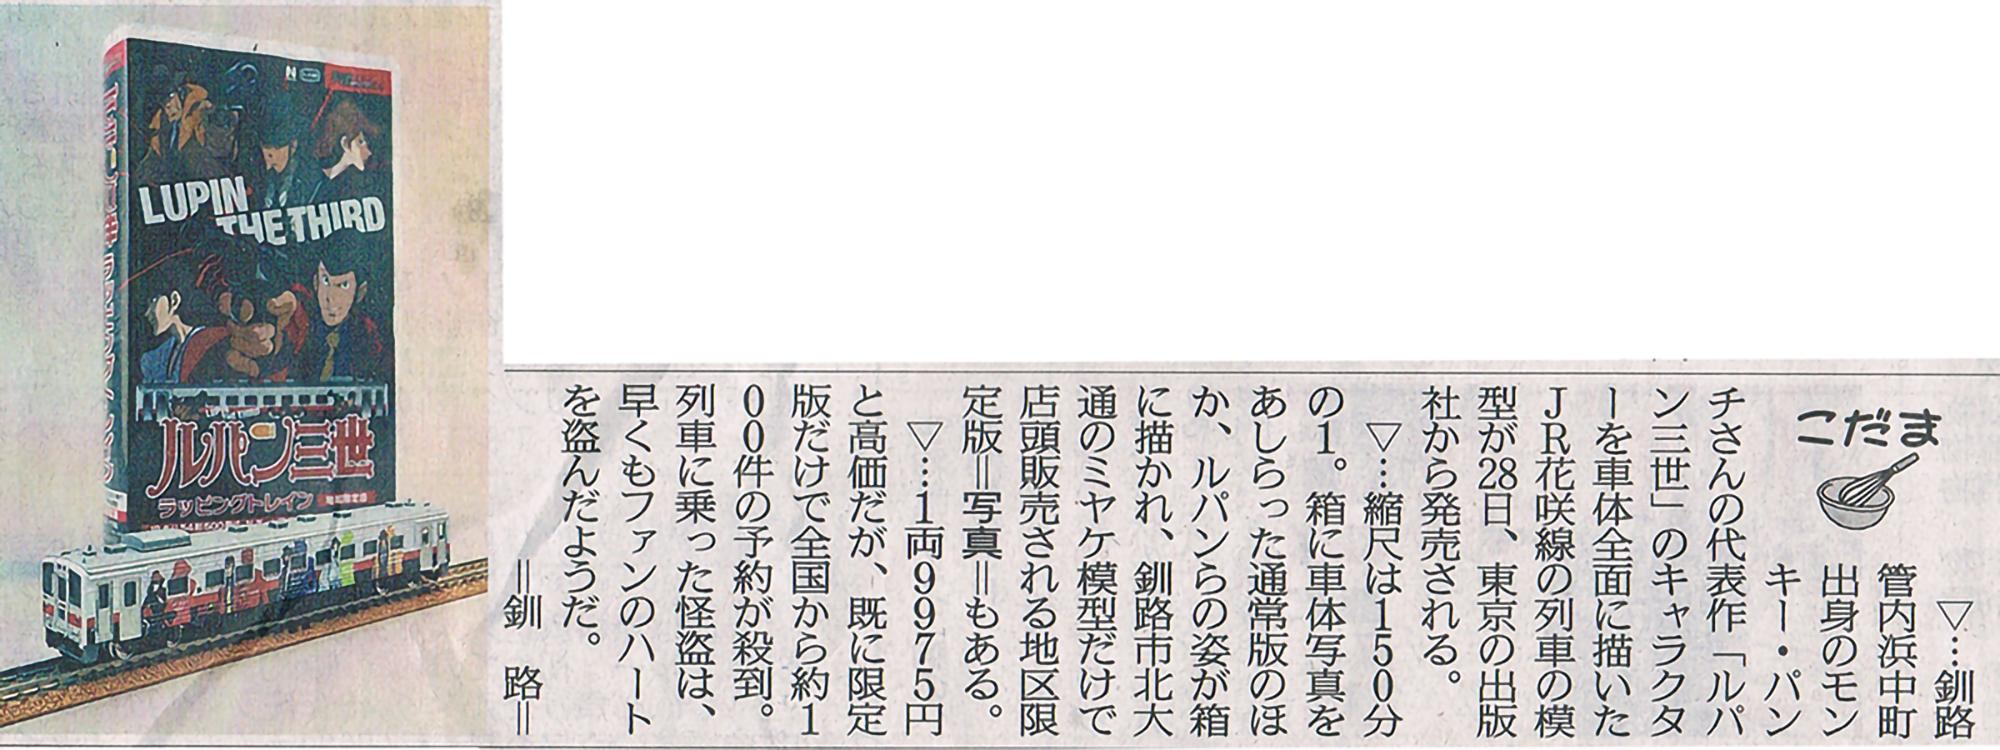 2013-3-28北海道新聞全